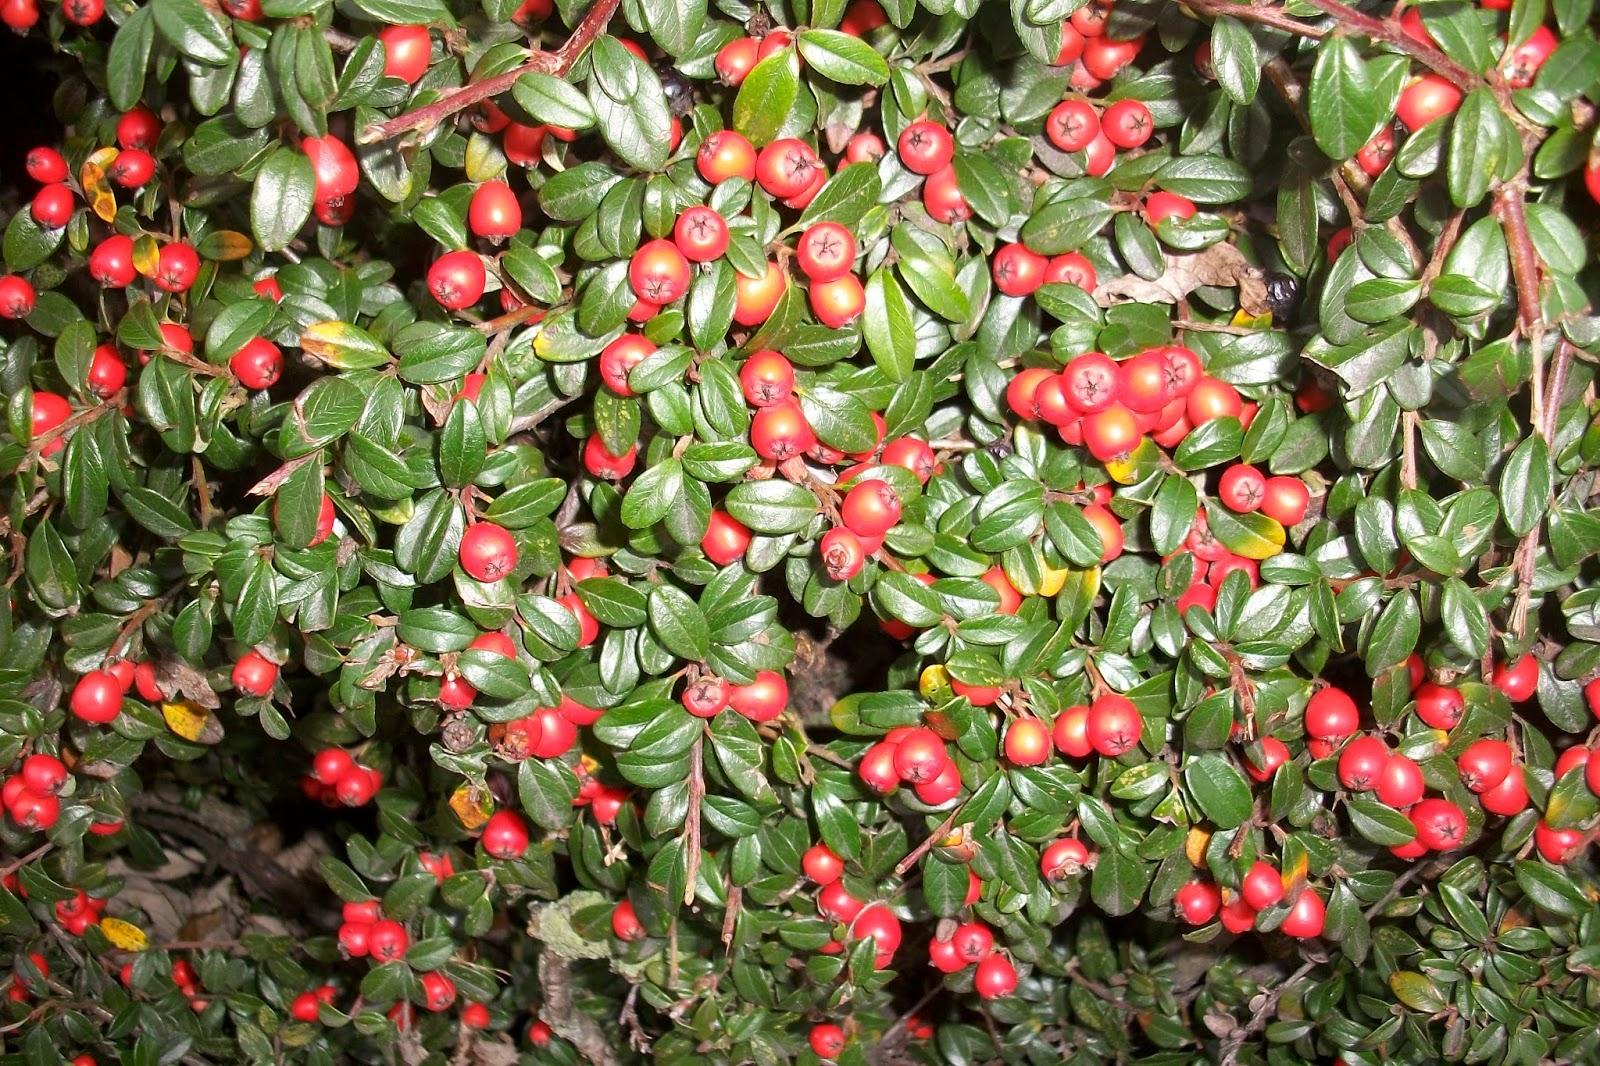 Pflanzen Er24 De Ihr Spezialist Für Preisgünstige Heckenpflanzen